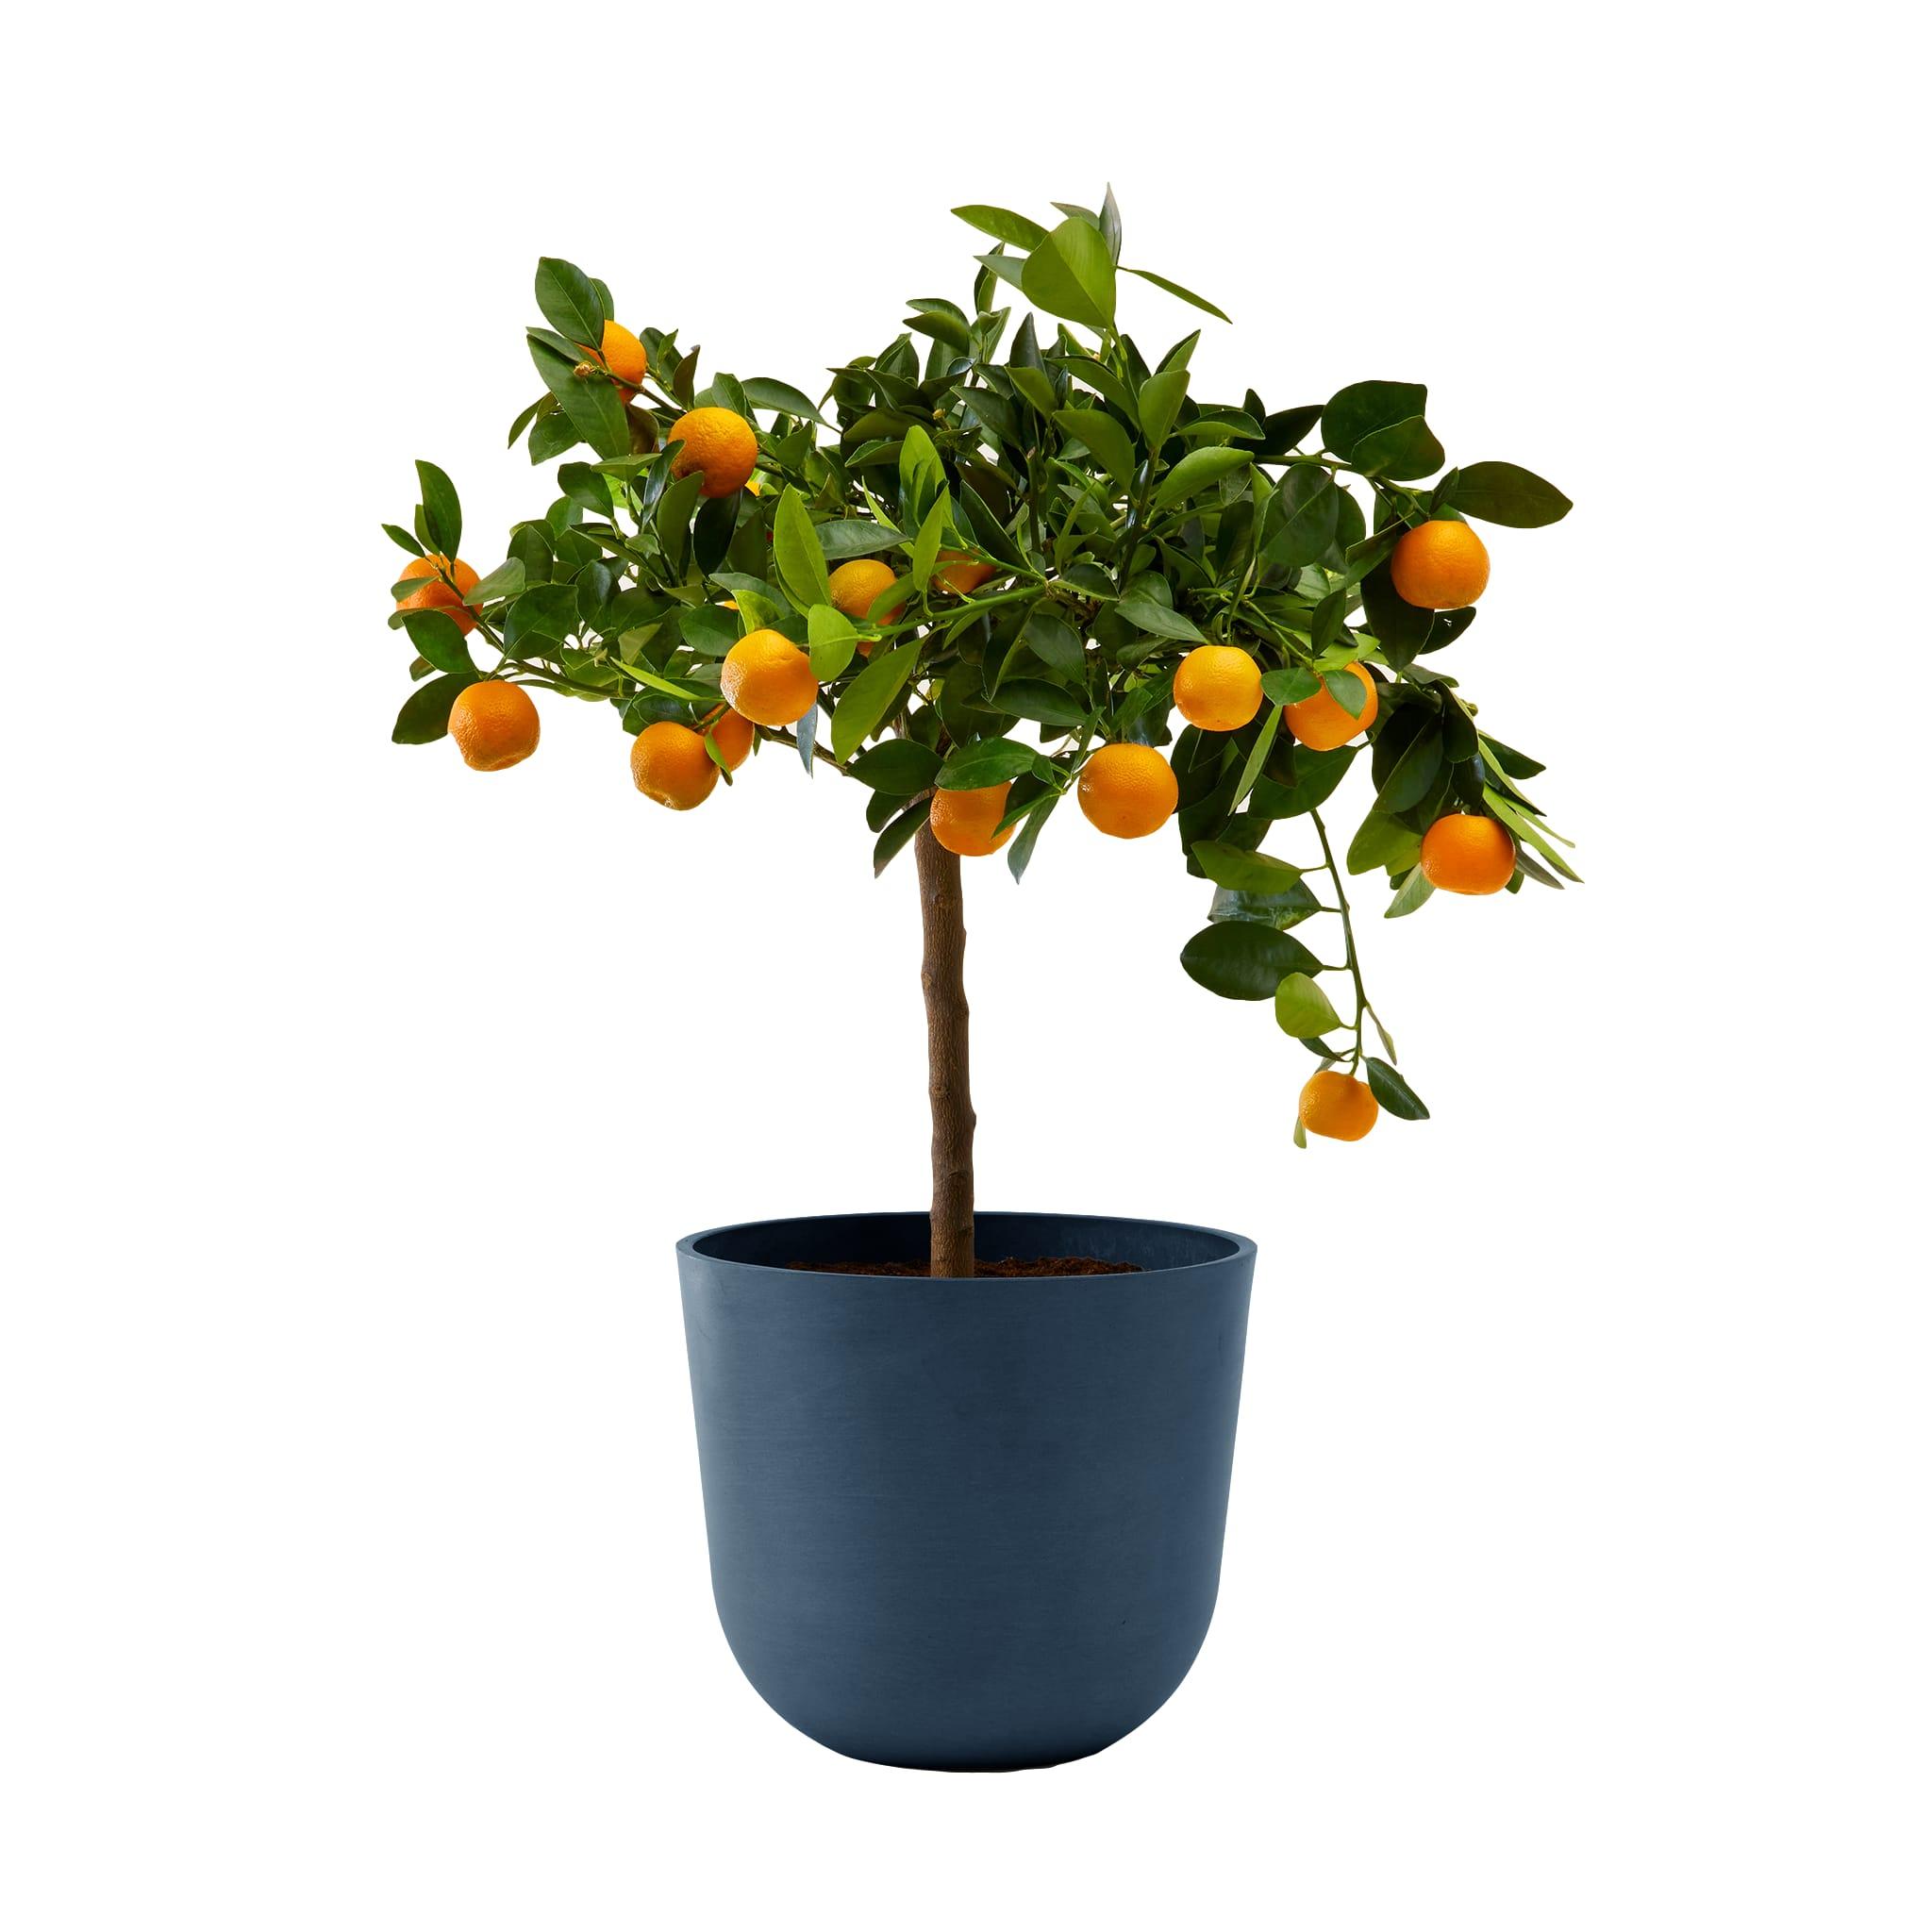 Plante d'intérieur- Calamondin 75 cm en pot bleu nuit